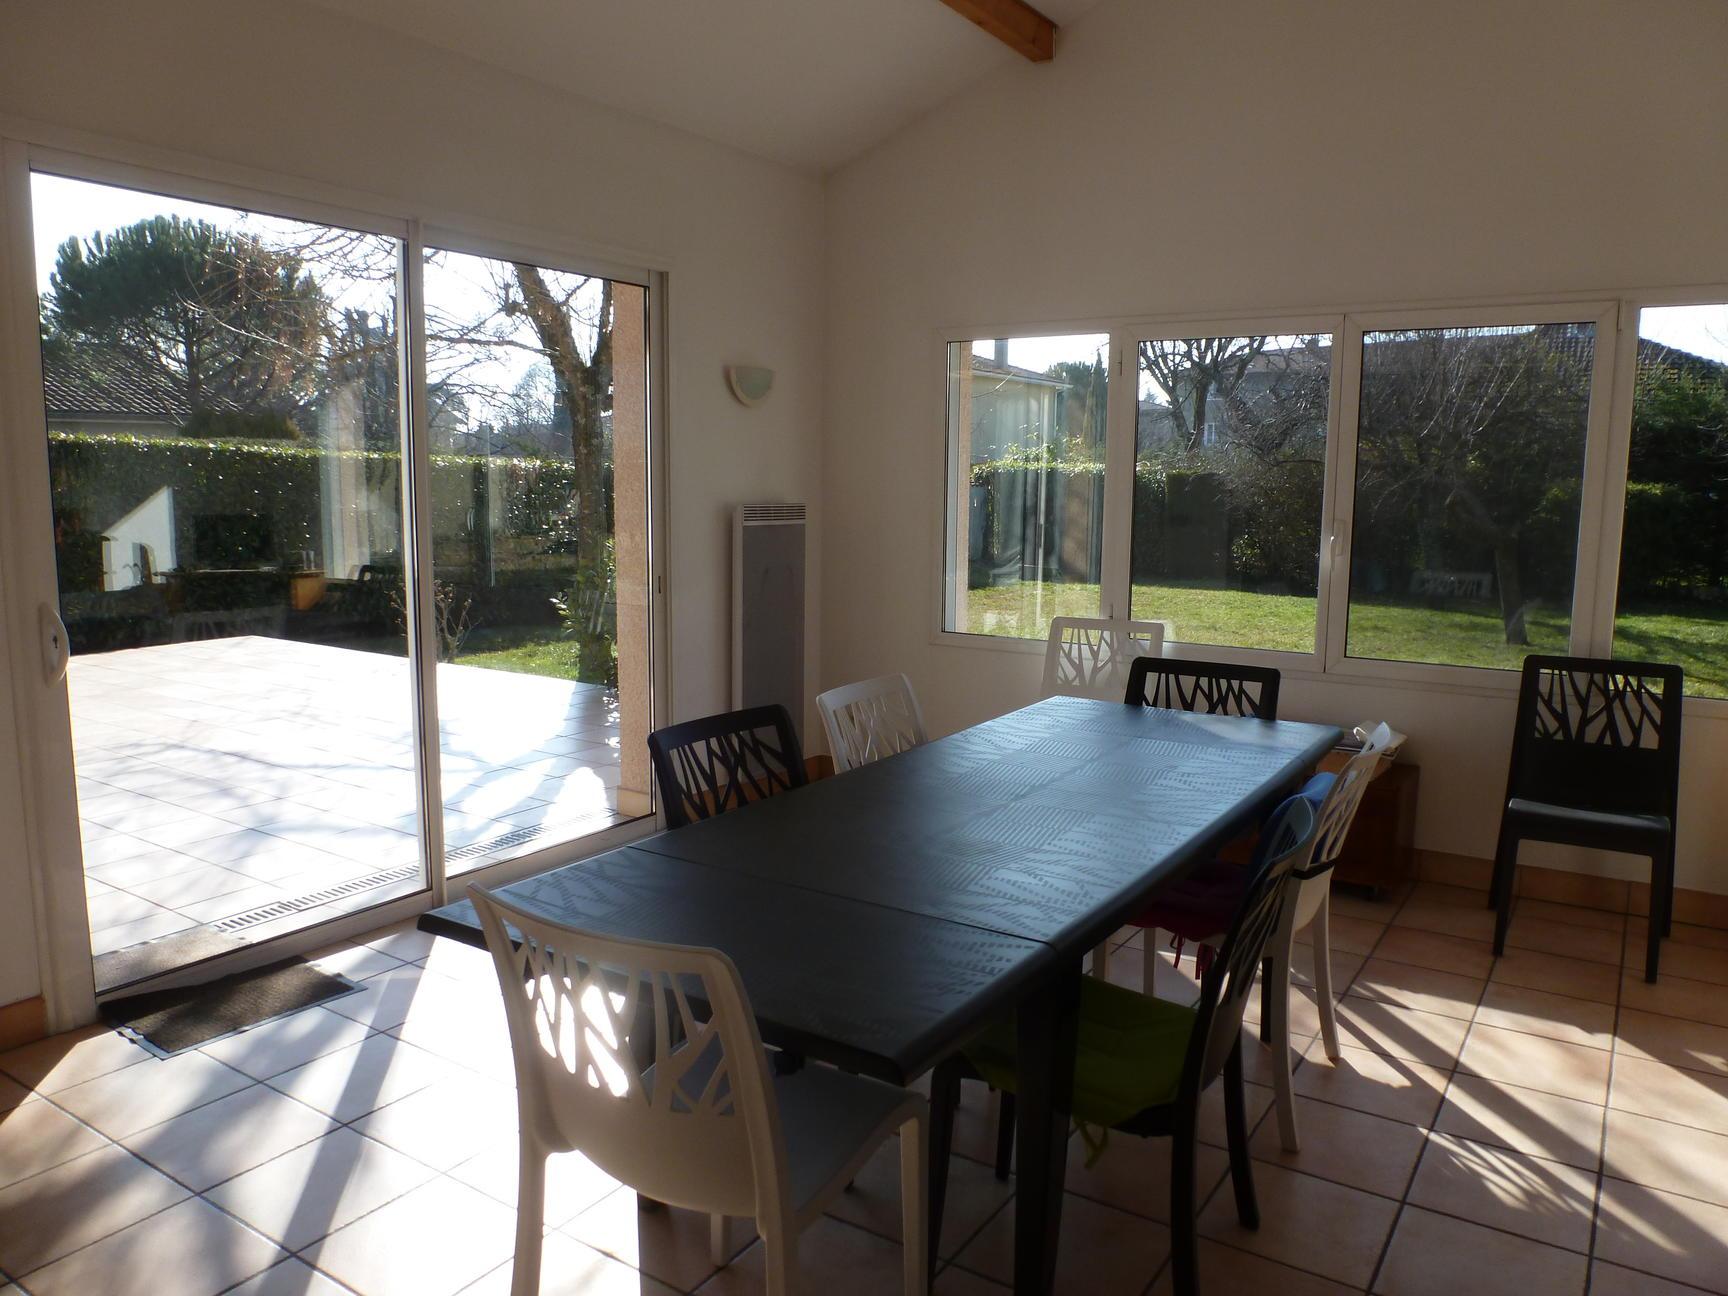 Frederique guillerme agence immobiliere maison de plain pied 130m2 3 chambres dardilly - Maison de 130m2 ...